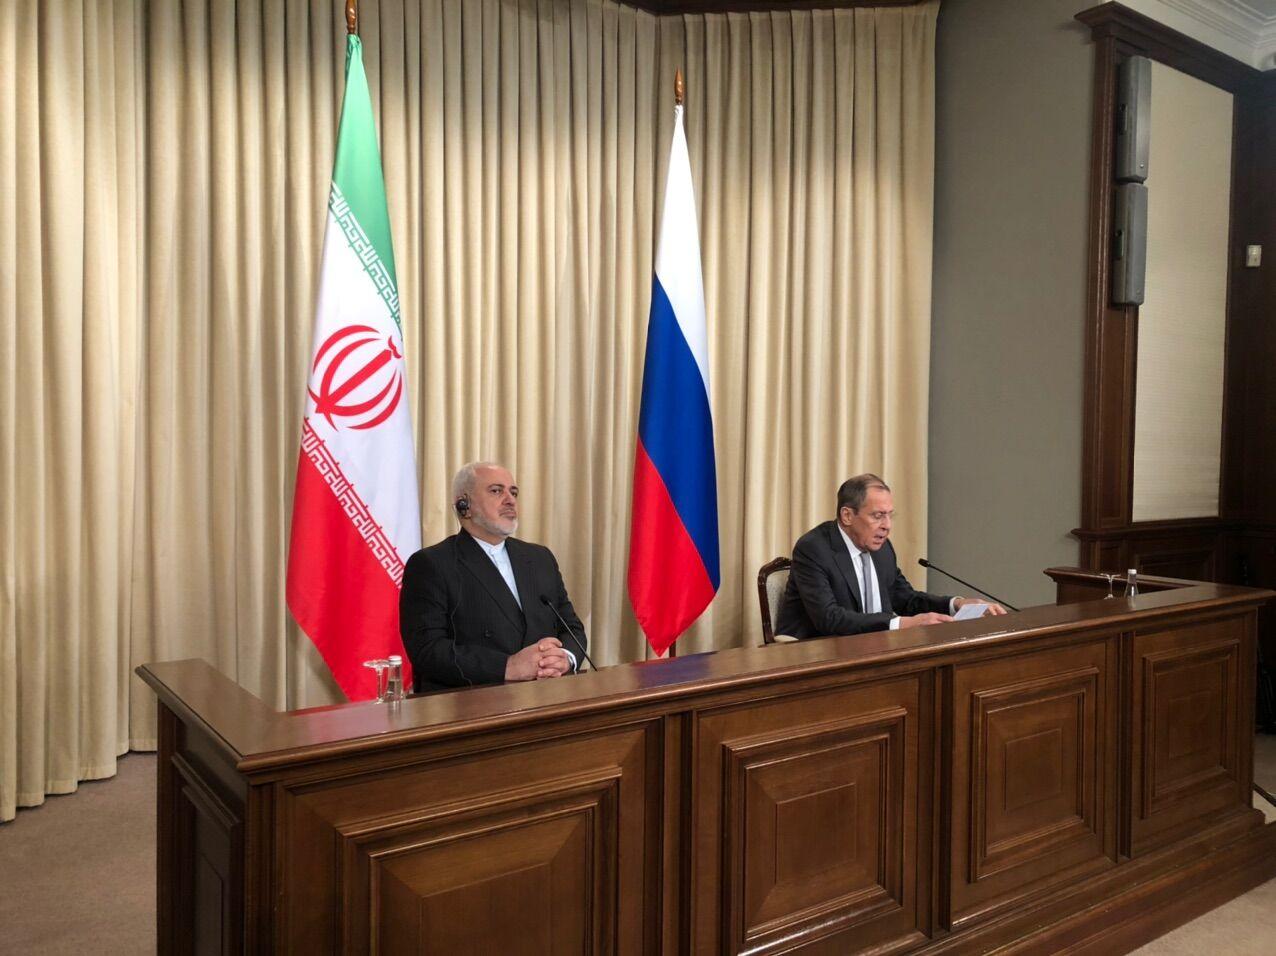 ظریف در مسکو و پکن؛ وزیر خارجه دنبال چیست؟